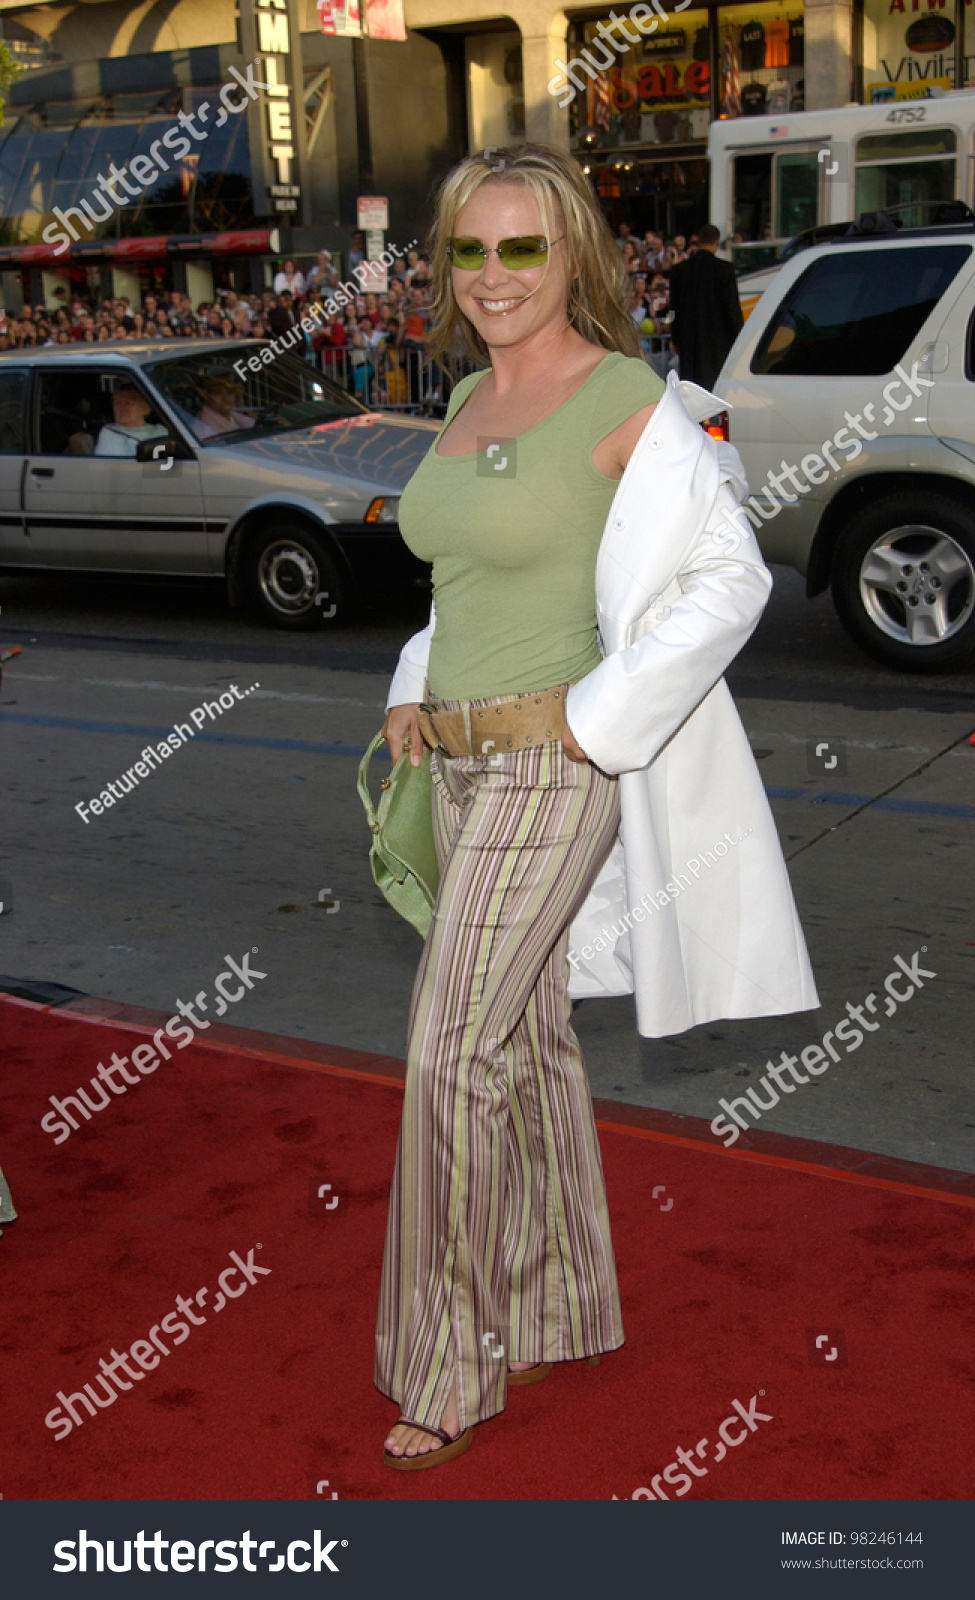 Vicki Lewis Hot pic Melissa Jaffer,Christopher Plummer